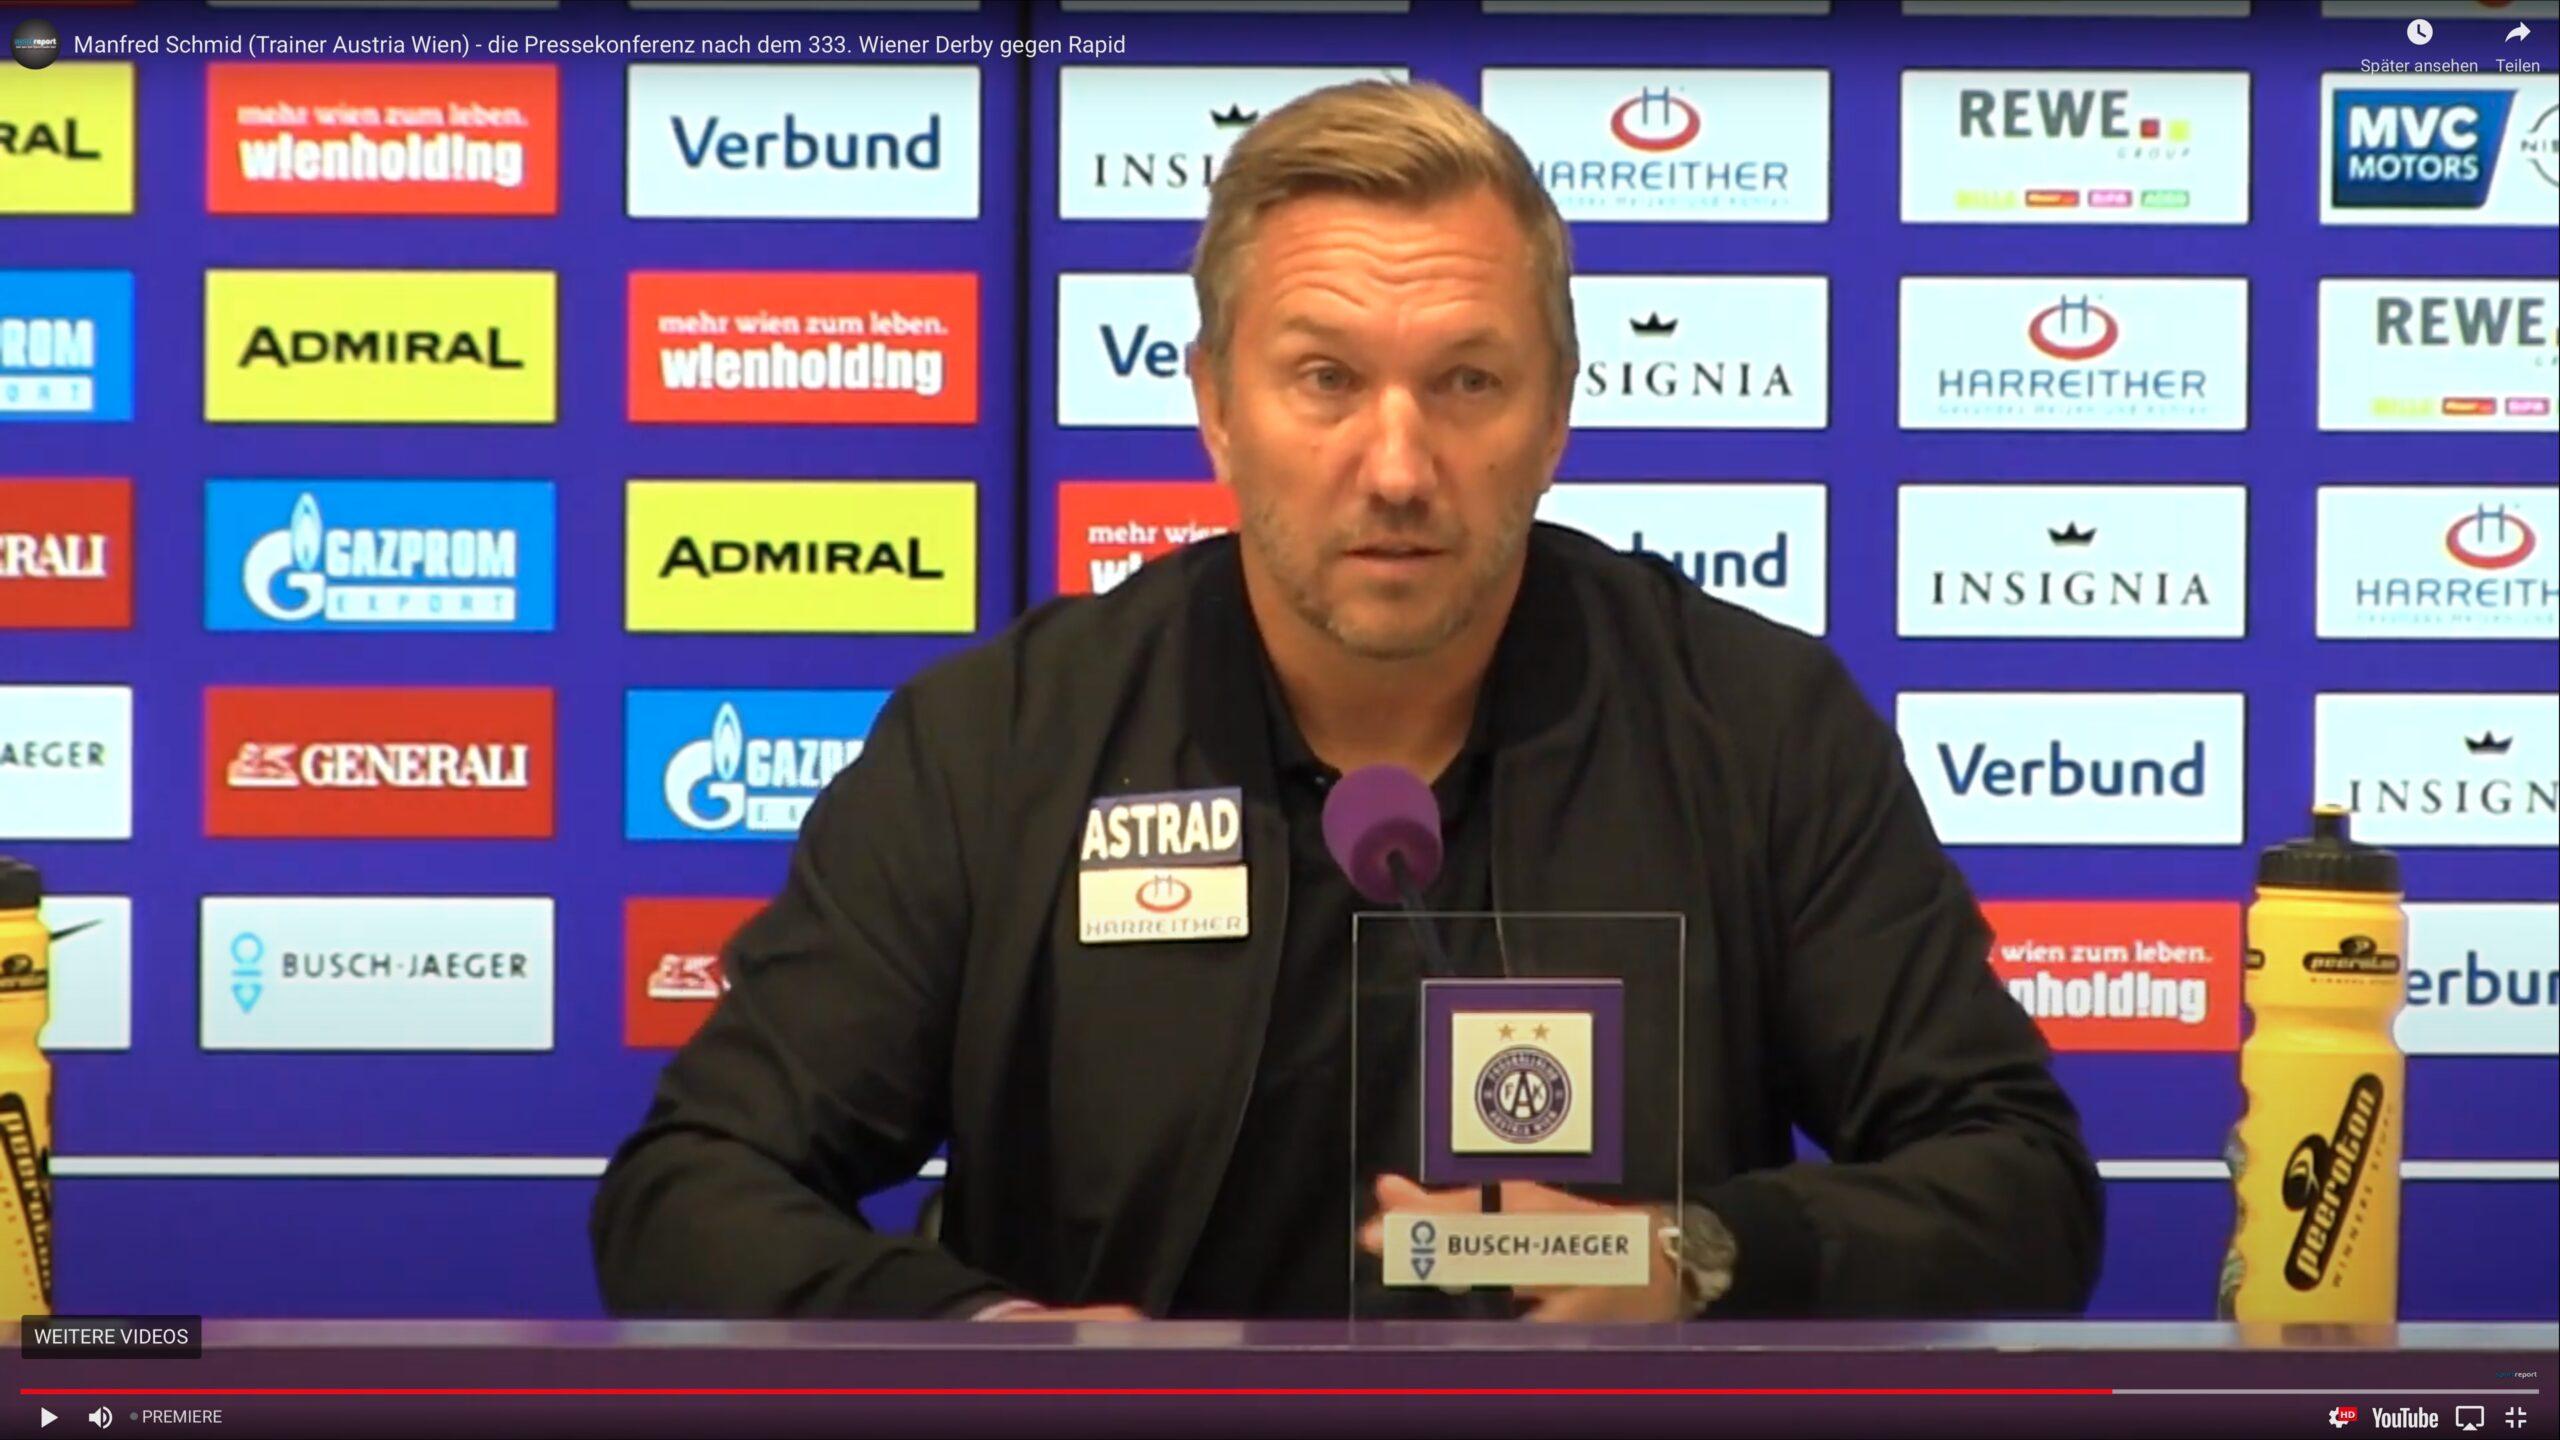 Video: Manfred Schmid (Trainer FK Austria Wien) - die Pressekonferenz nach dem Spiel gegen SK Rapid Wien